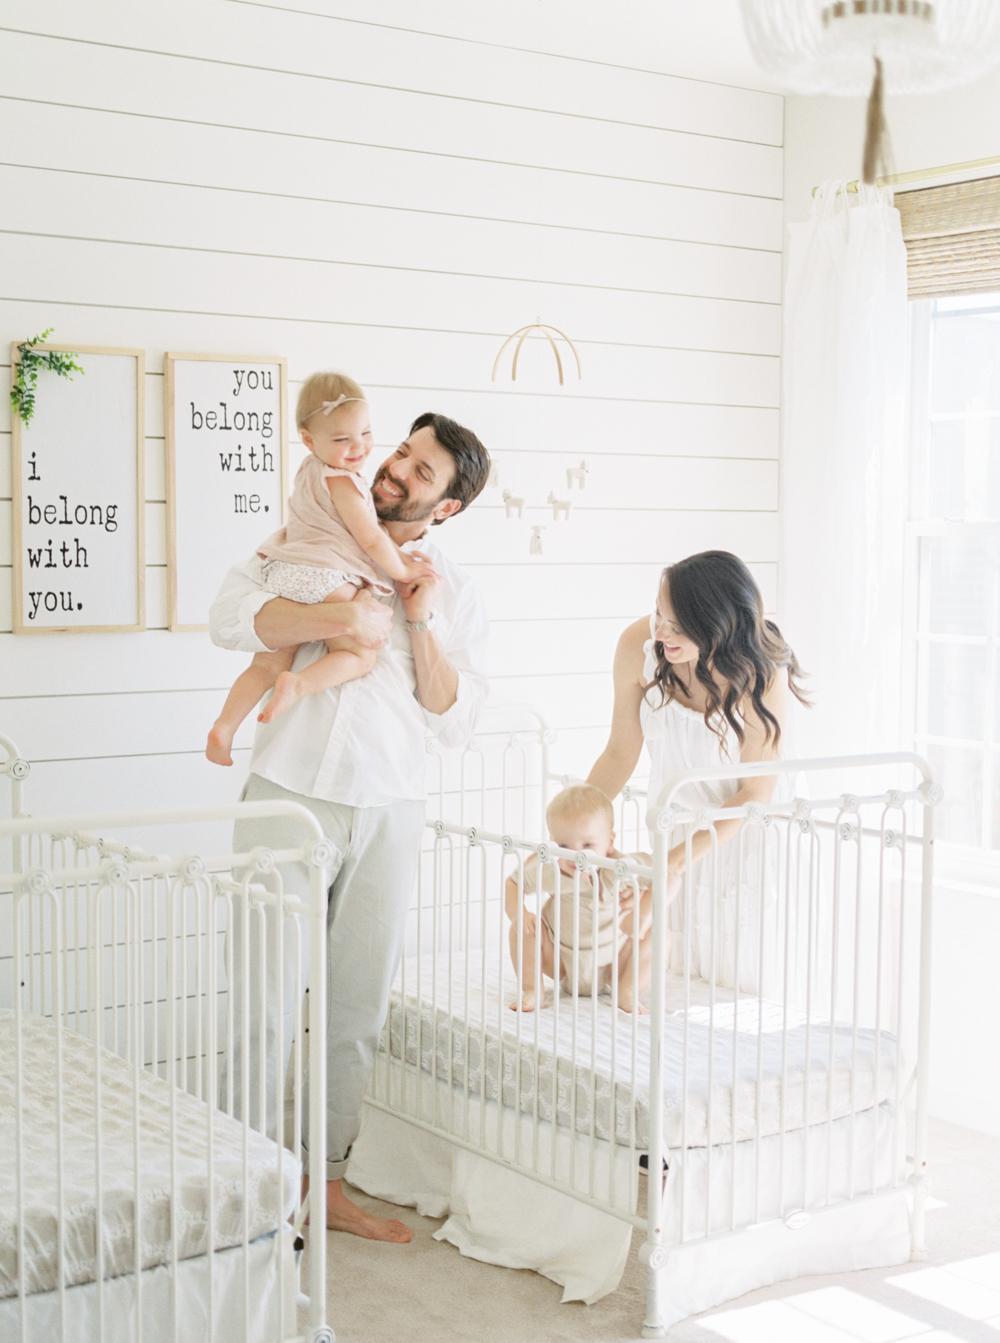 Rebecca-Sable-Family-Photographer-Richmond-Virginia-06.jpg